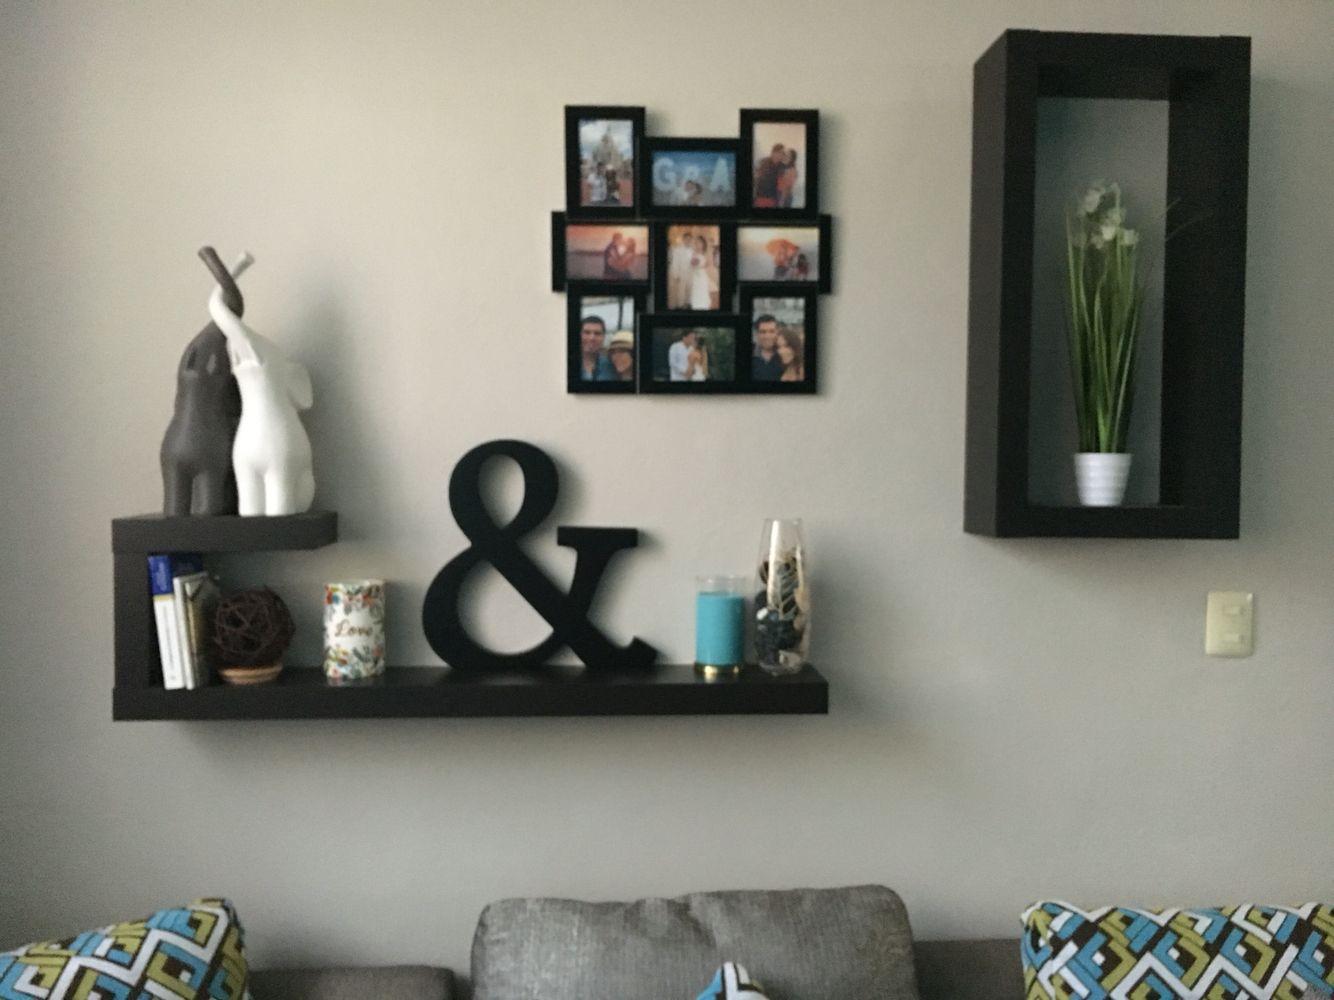 Decoración en sala, con repisas, letras, velas y fotografías